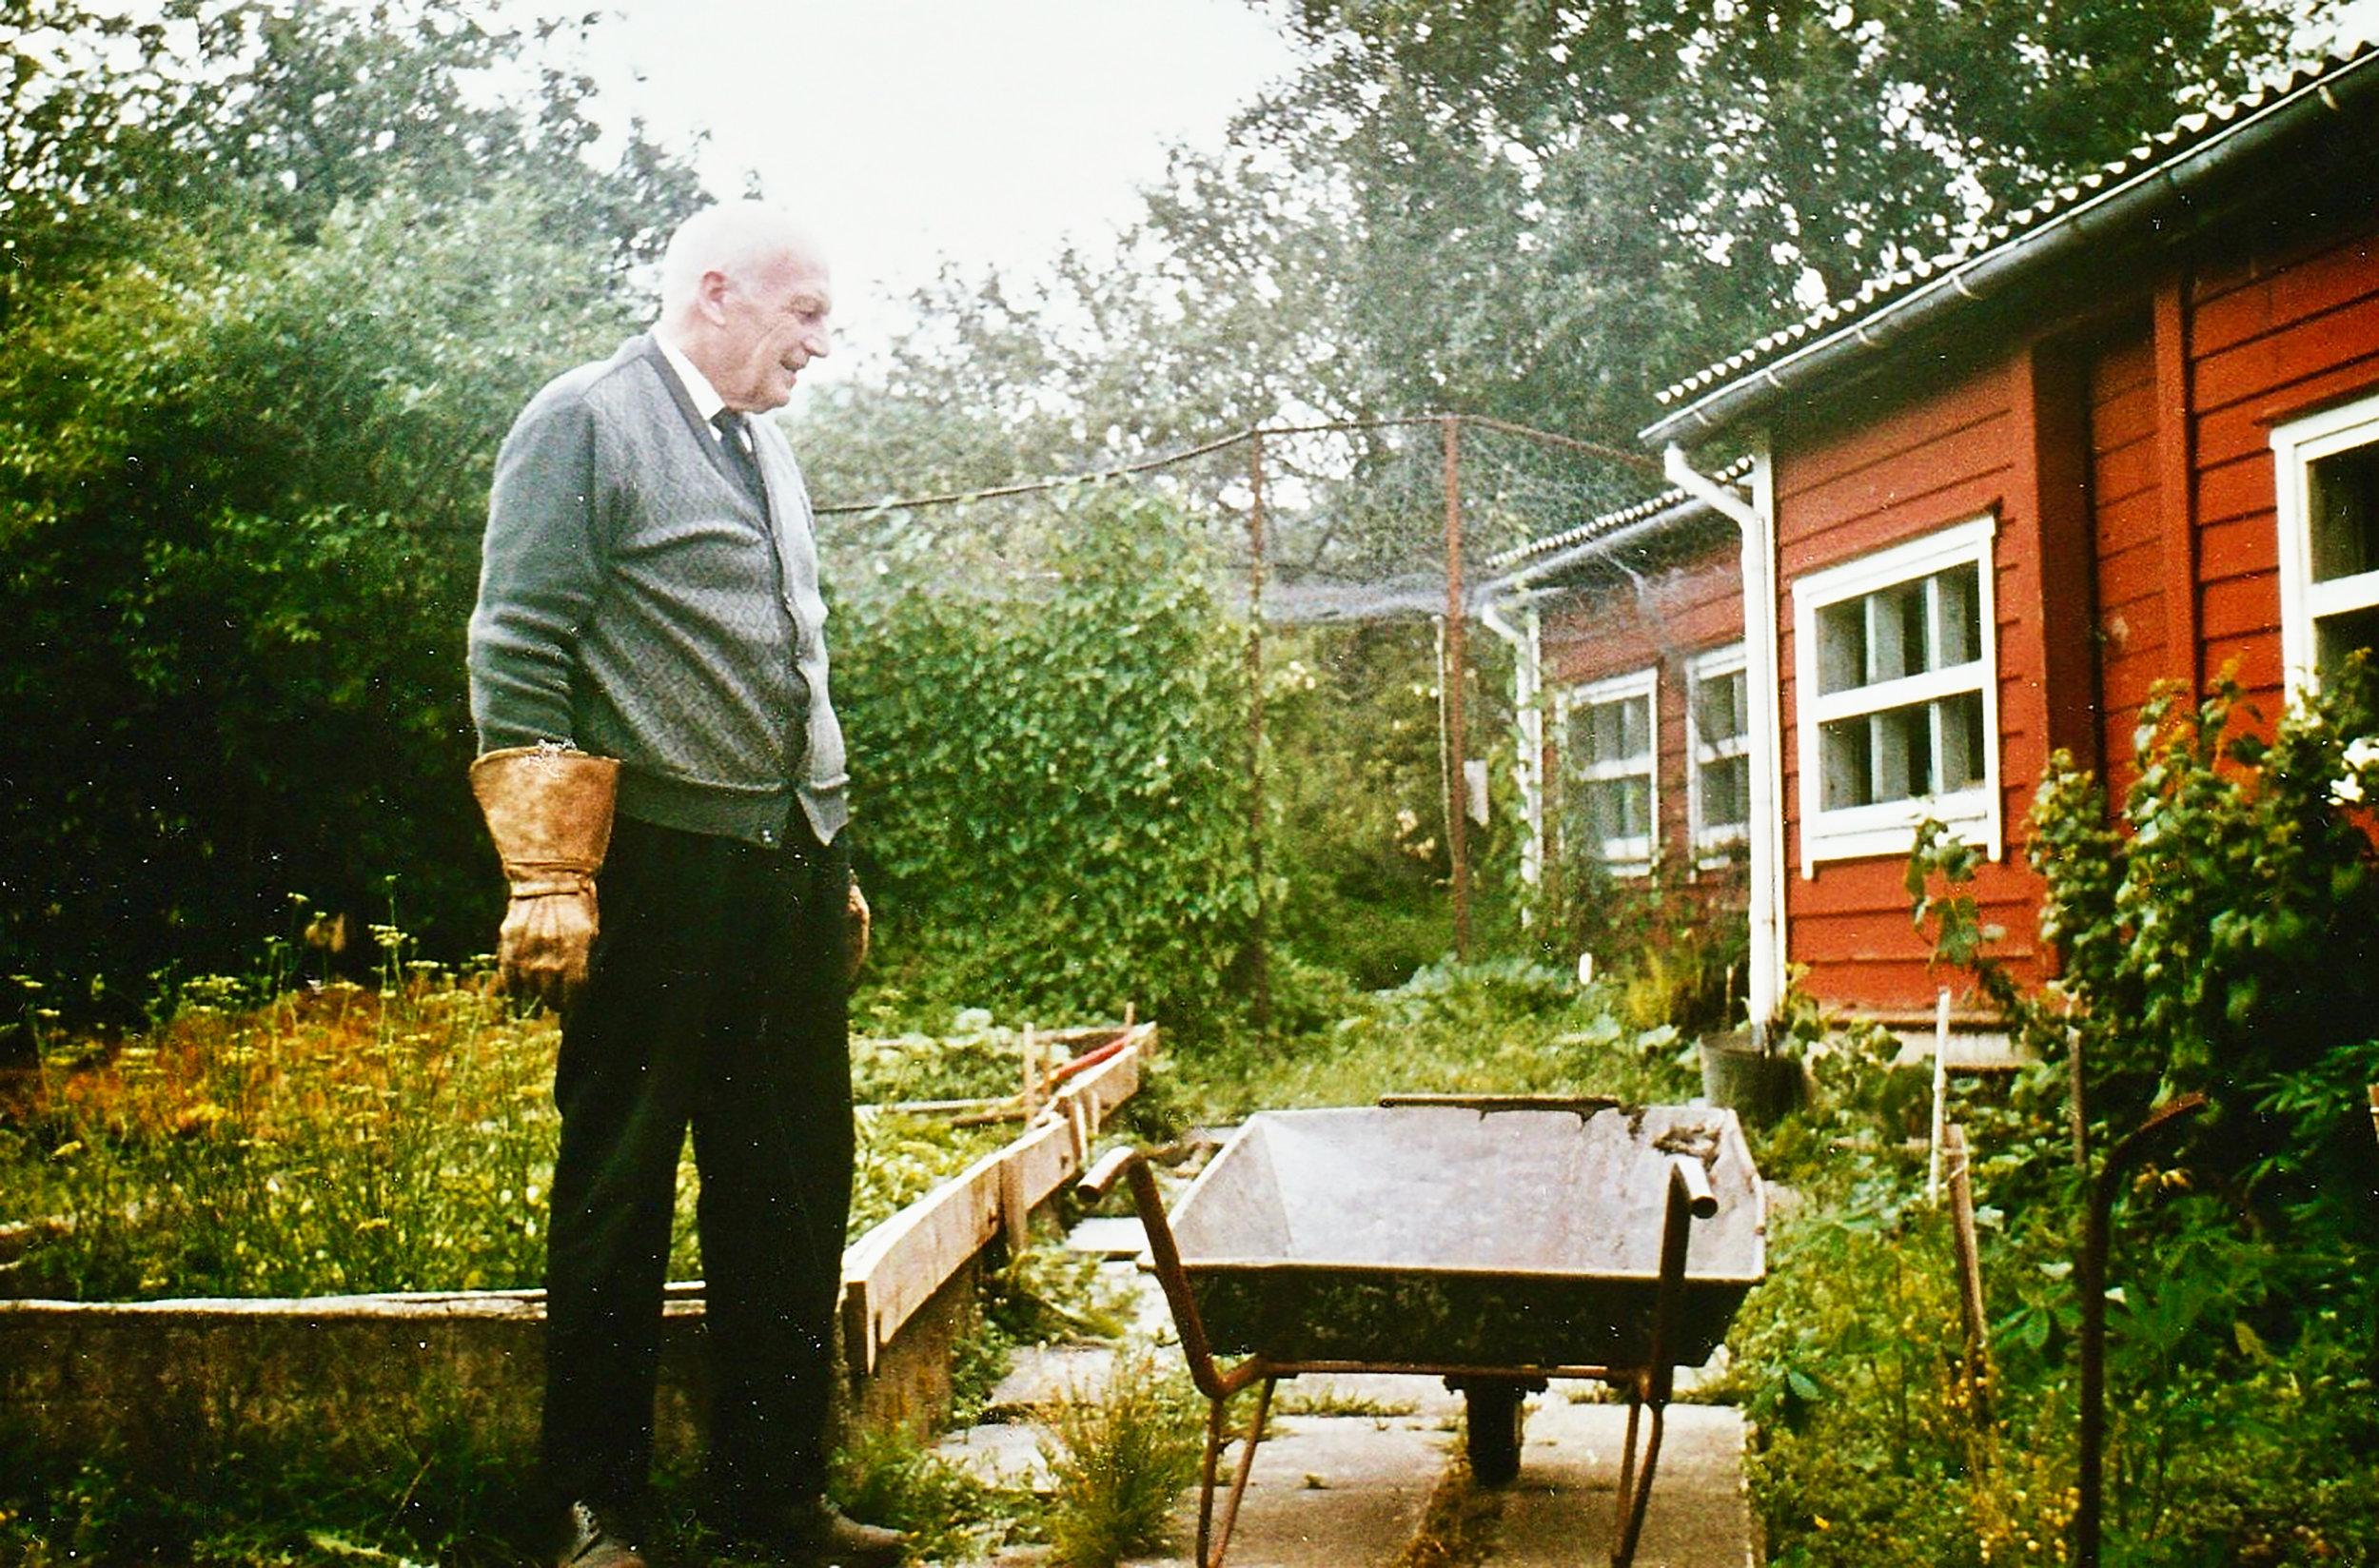 Haugen var kjent for å vera fin i tøyet, endåtil medan han arbeidde i hagen. (Fotograf ukjend)